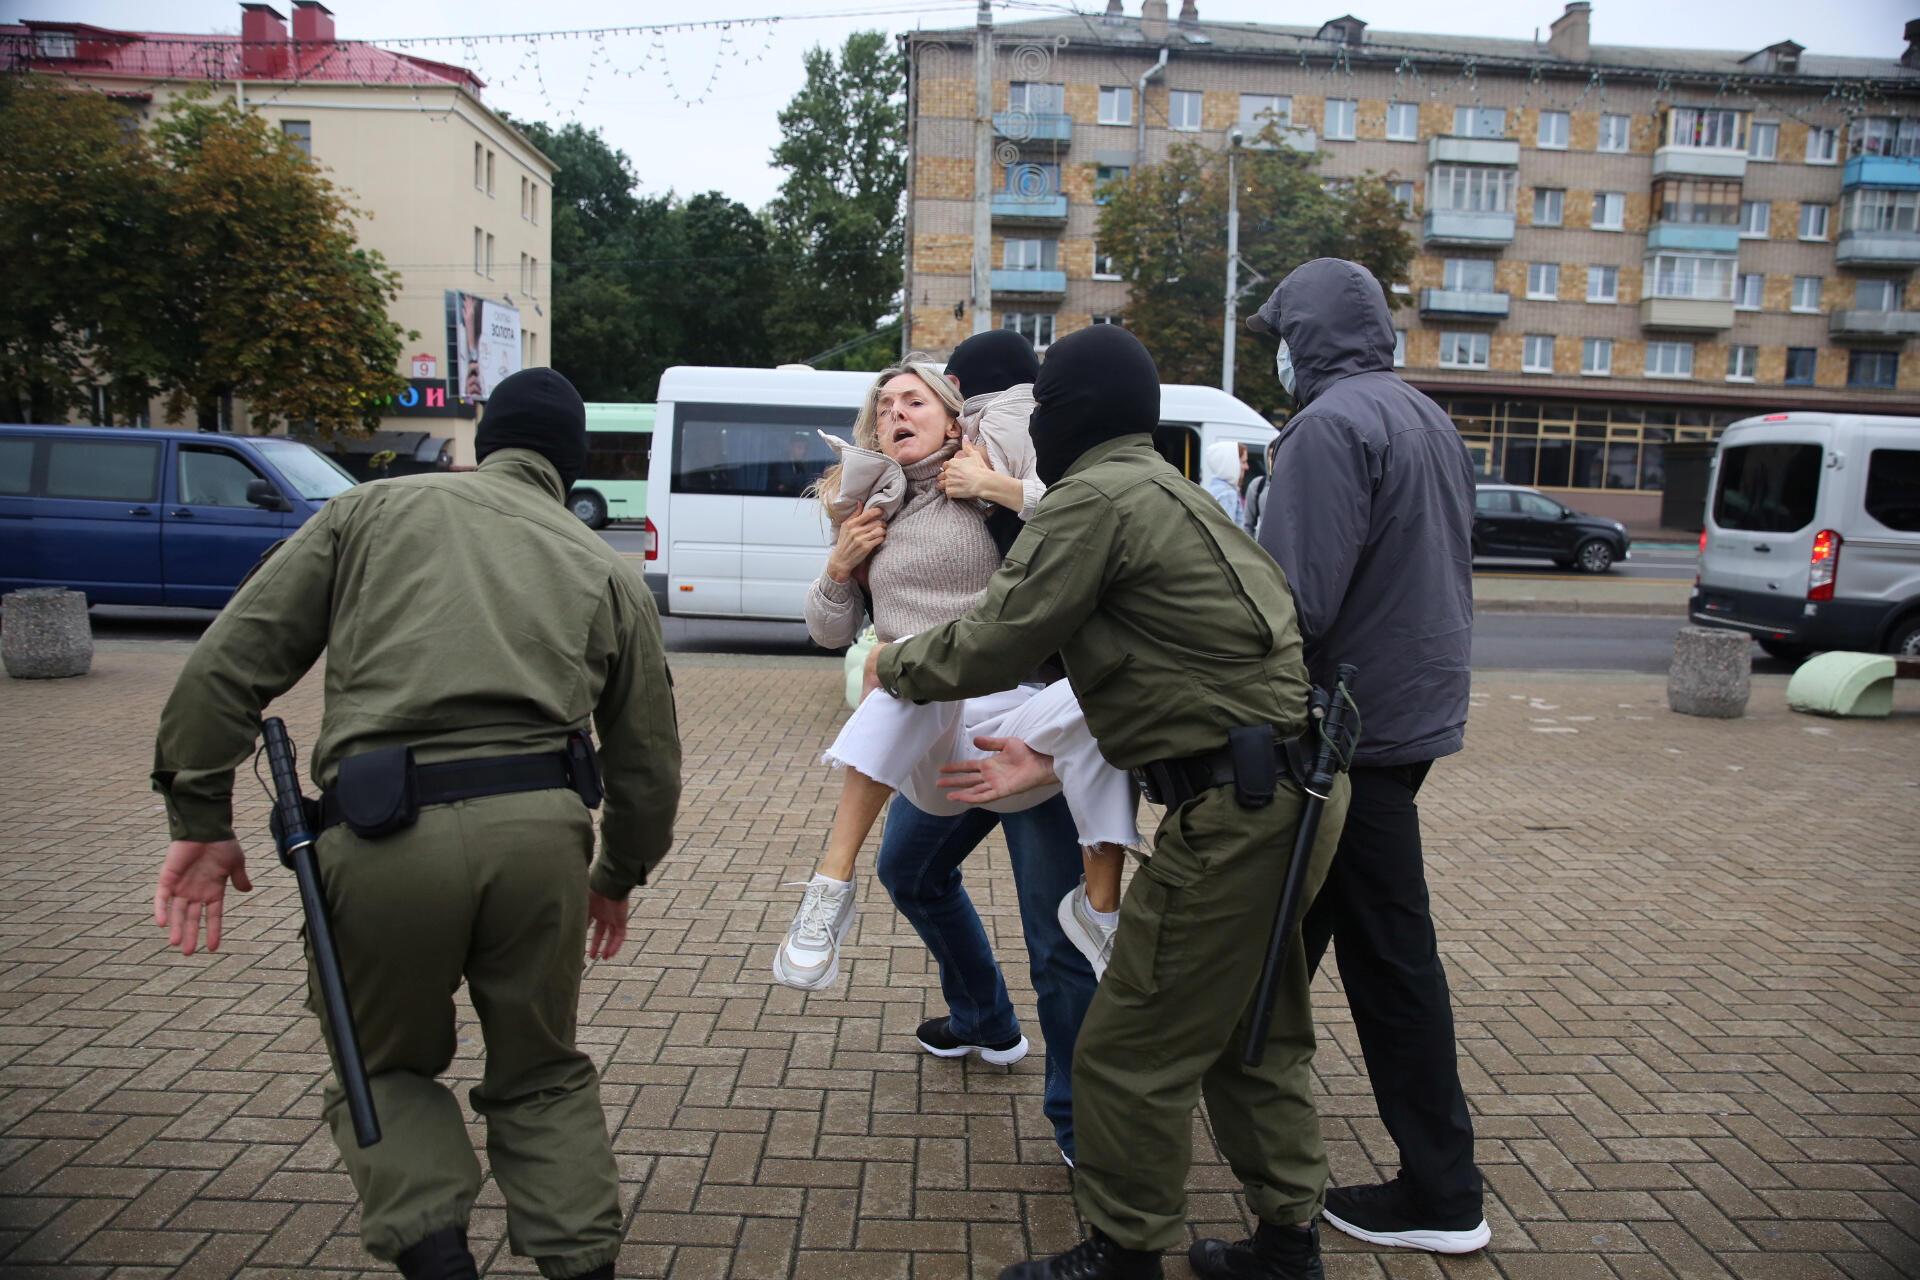 8 сентября. Минск. На следующий день после похищения Марии Колесниковой белорусские силовики задерживают на улице протестующих, вышедших на акцию в ее поддержку.